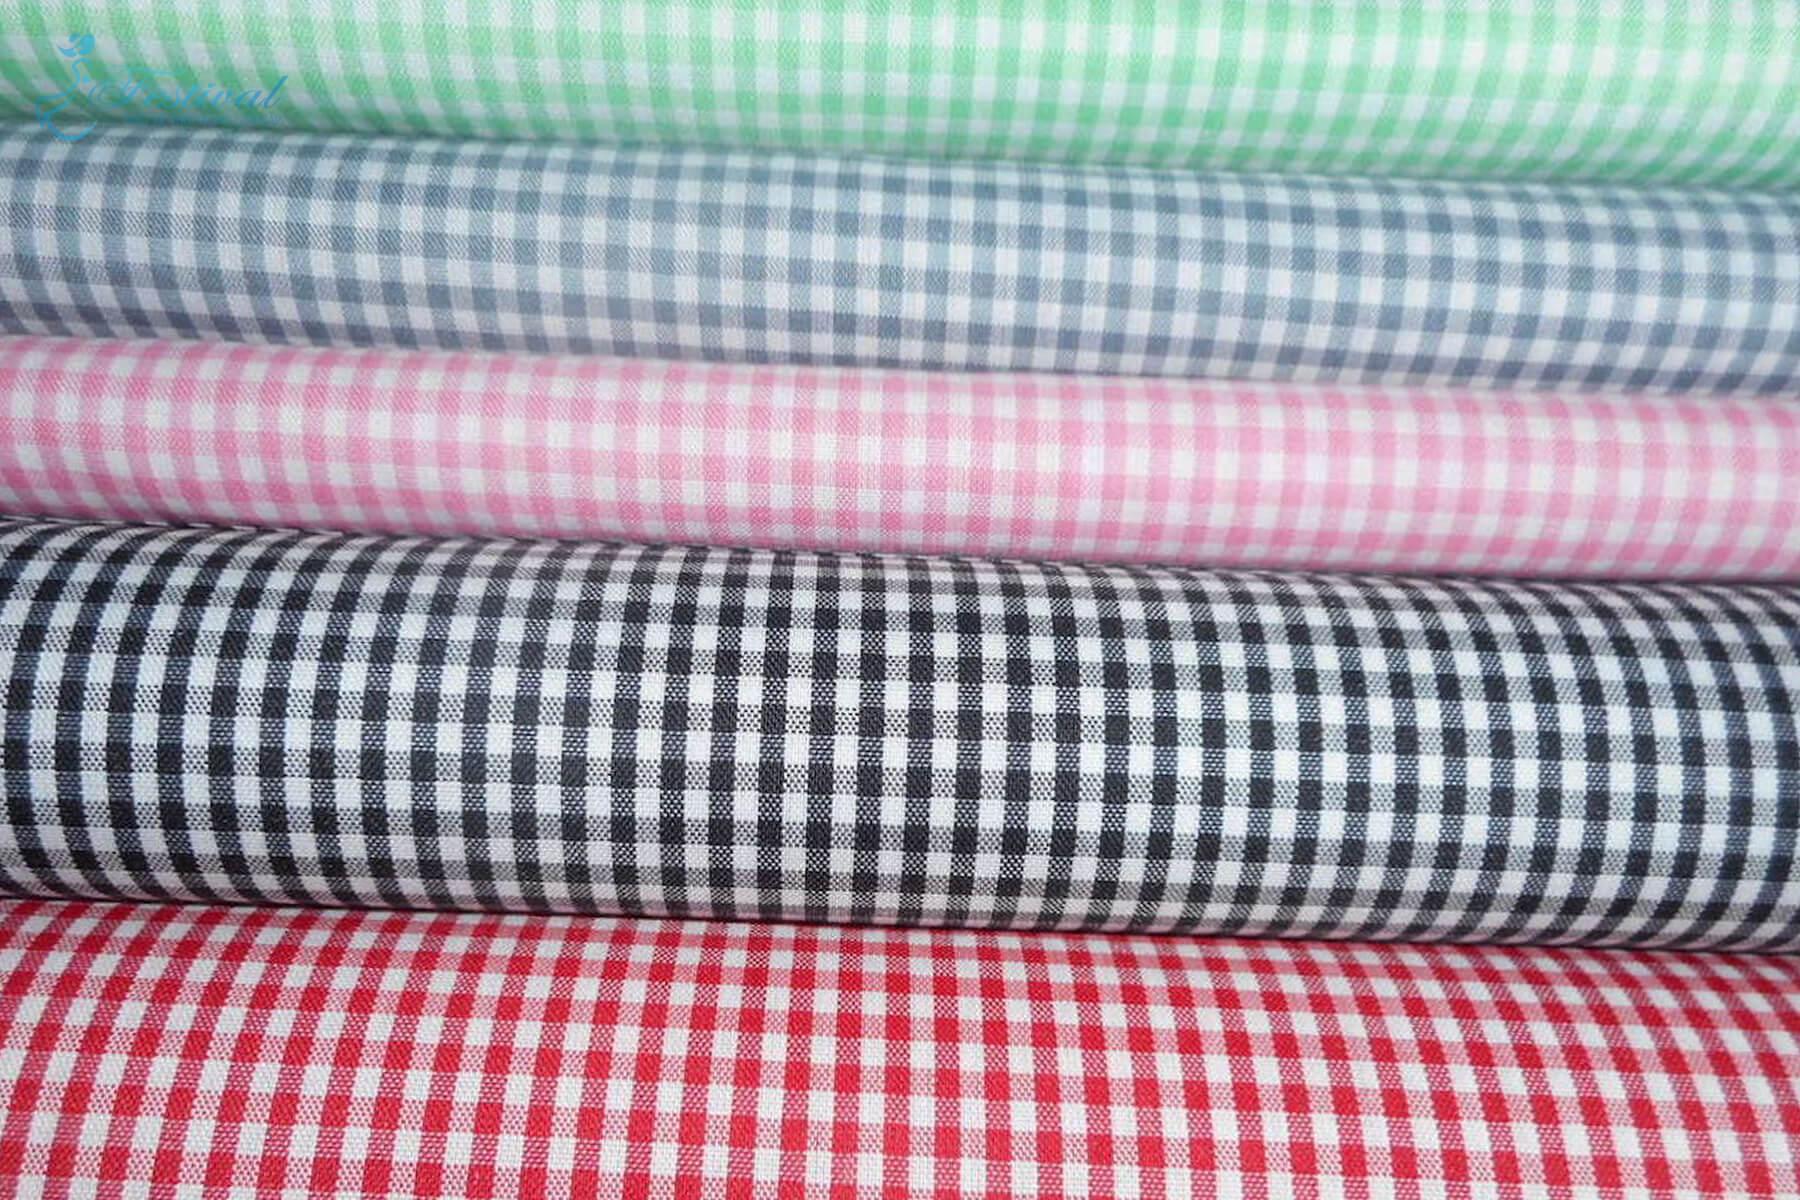 Ứng dụng của vải kate - Vải kate là gì?